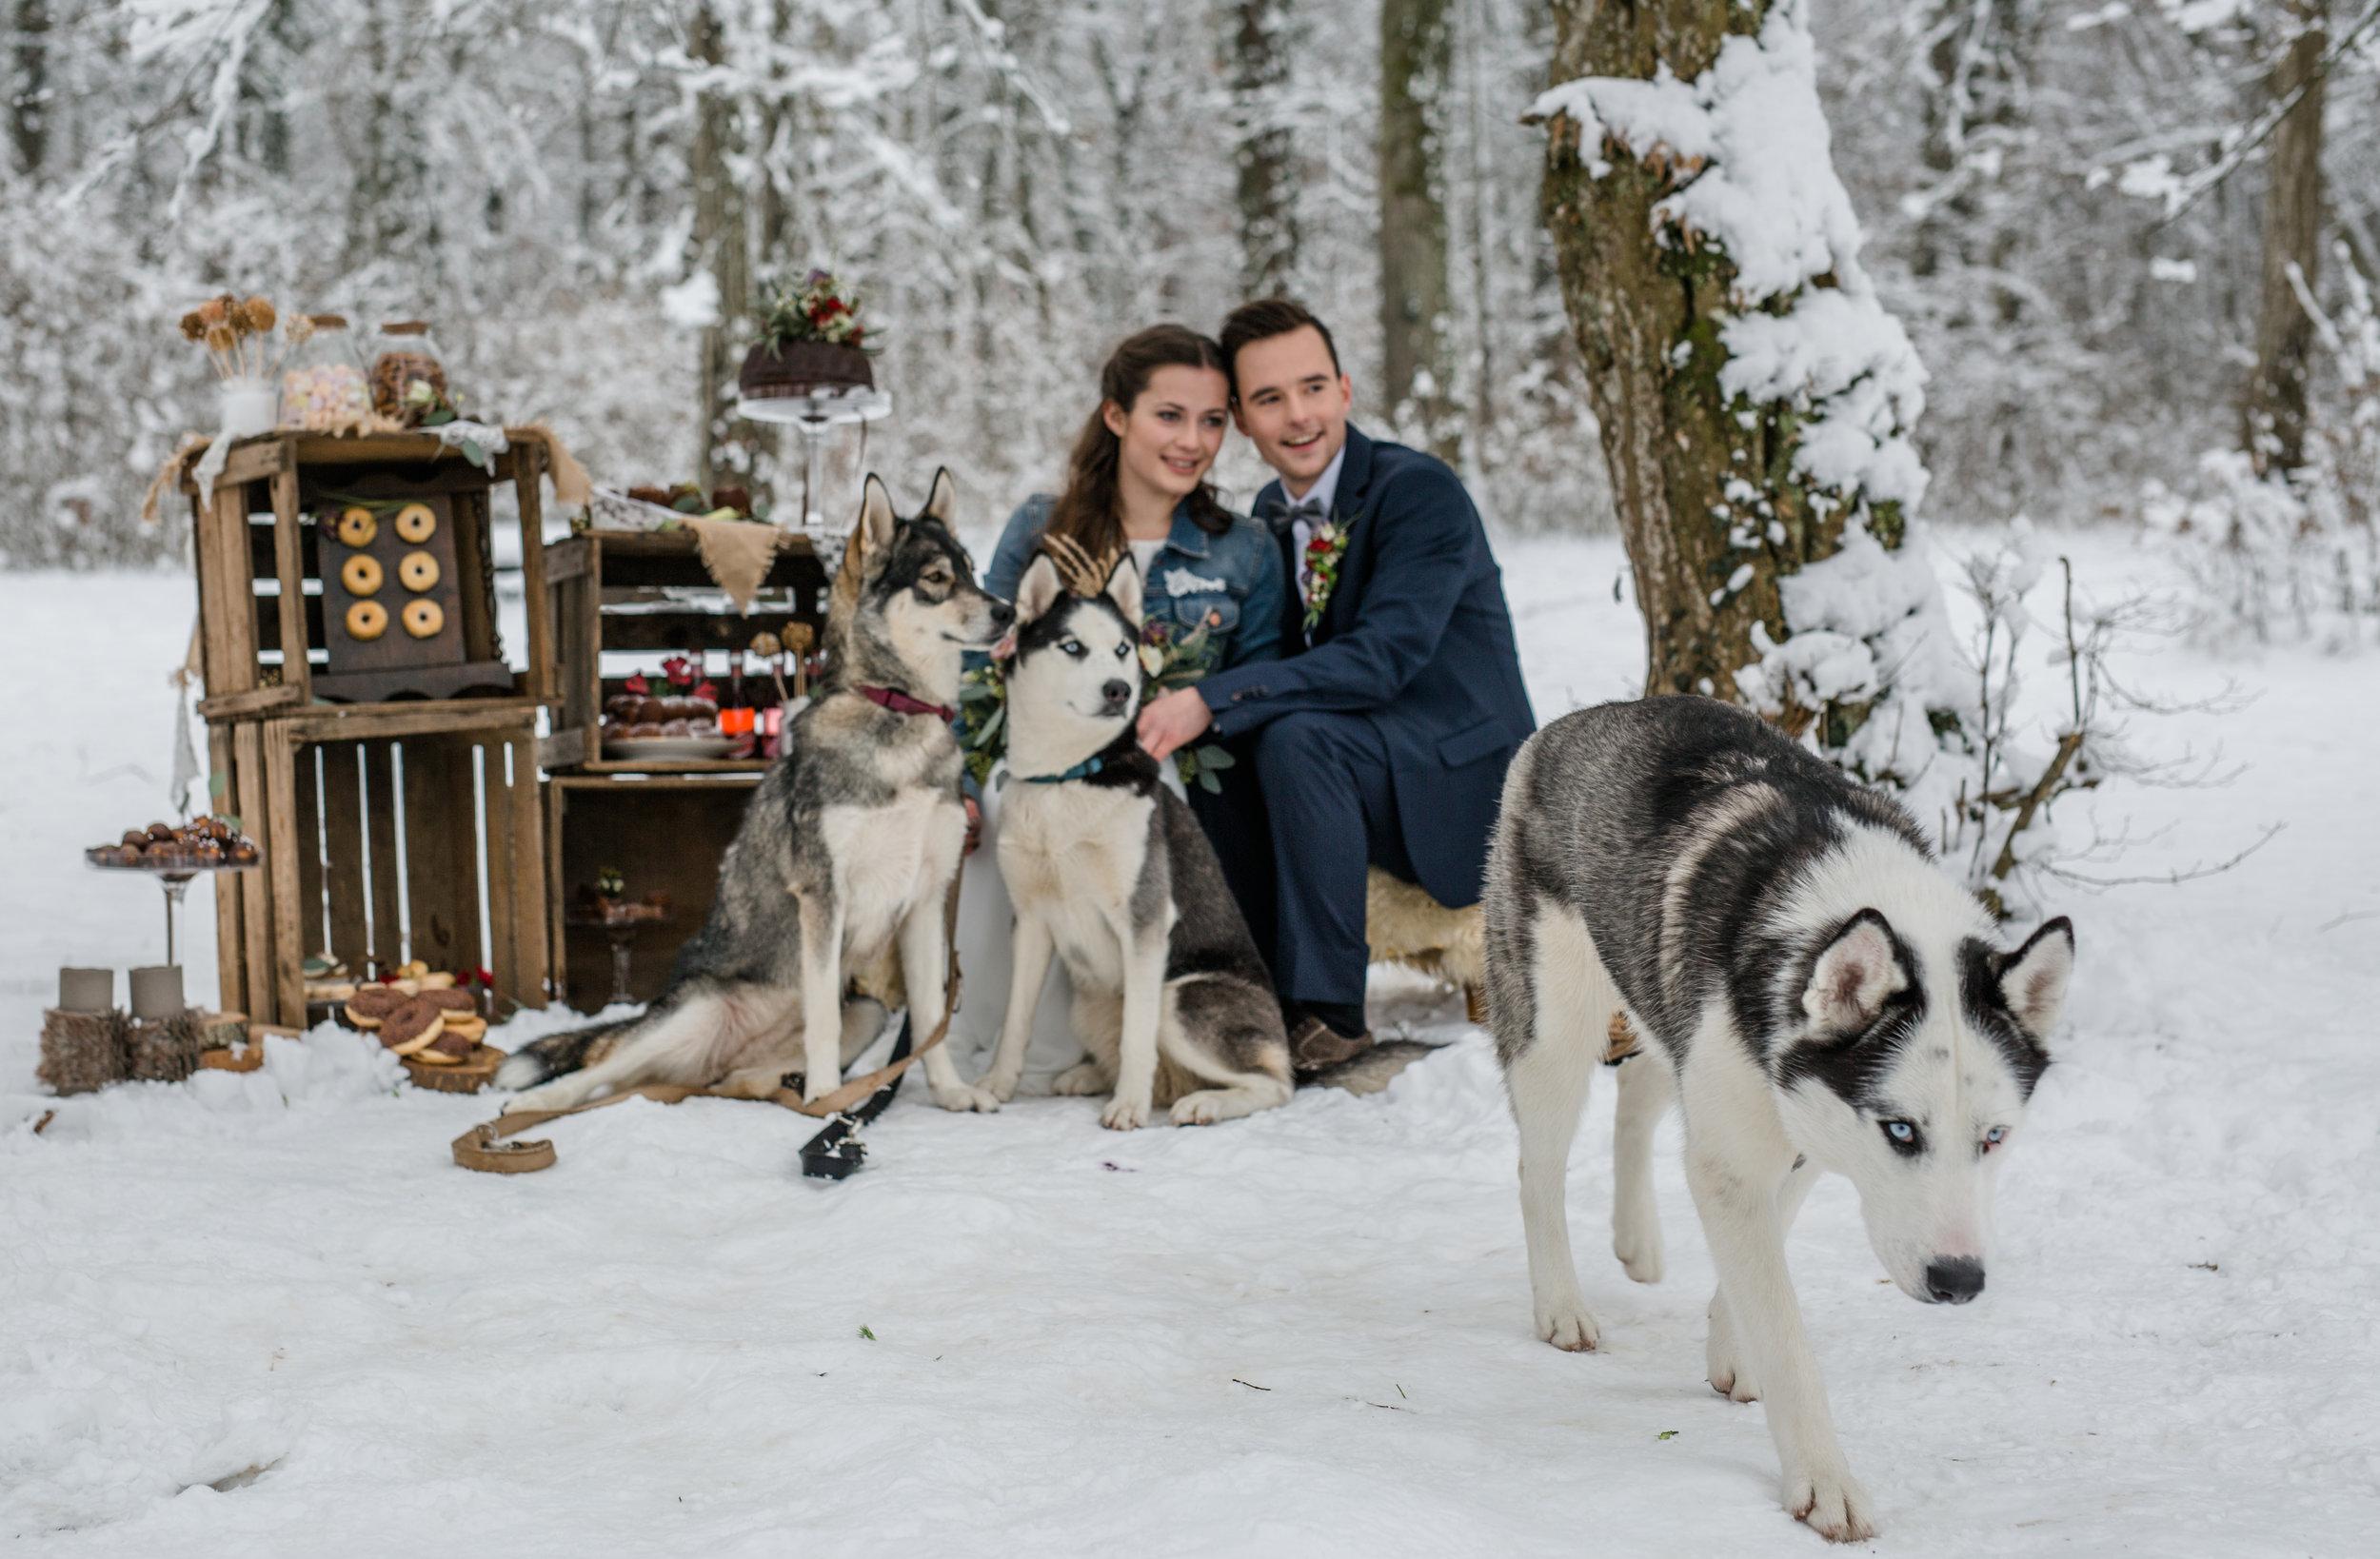 yessica-baur-fotografie-styleshooting-huskies-7980.JPG